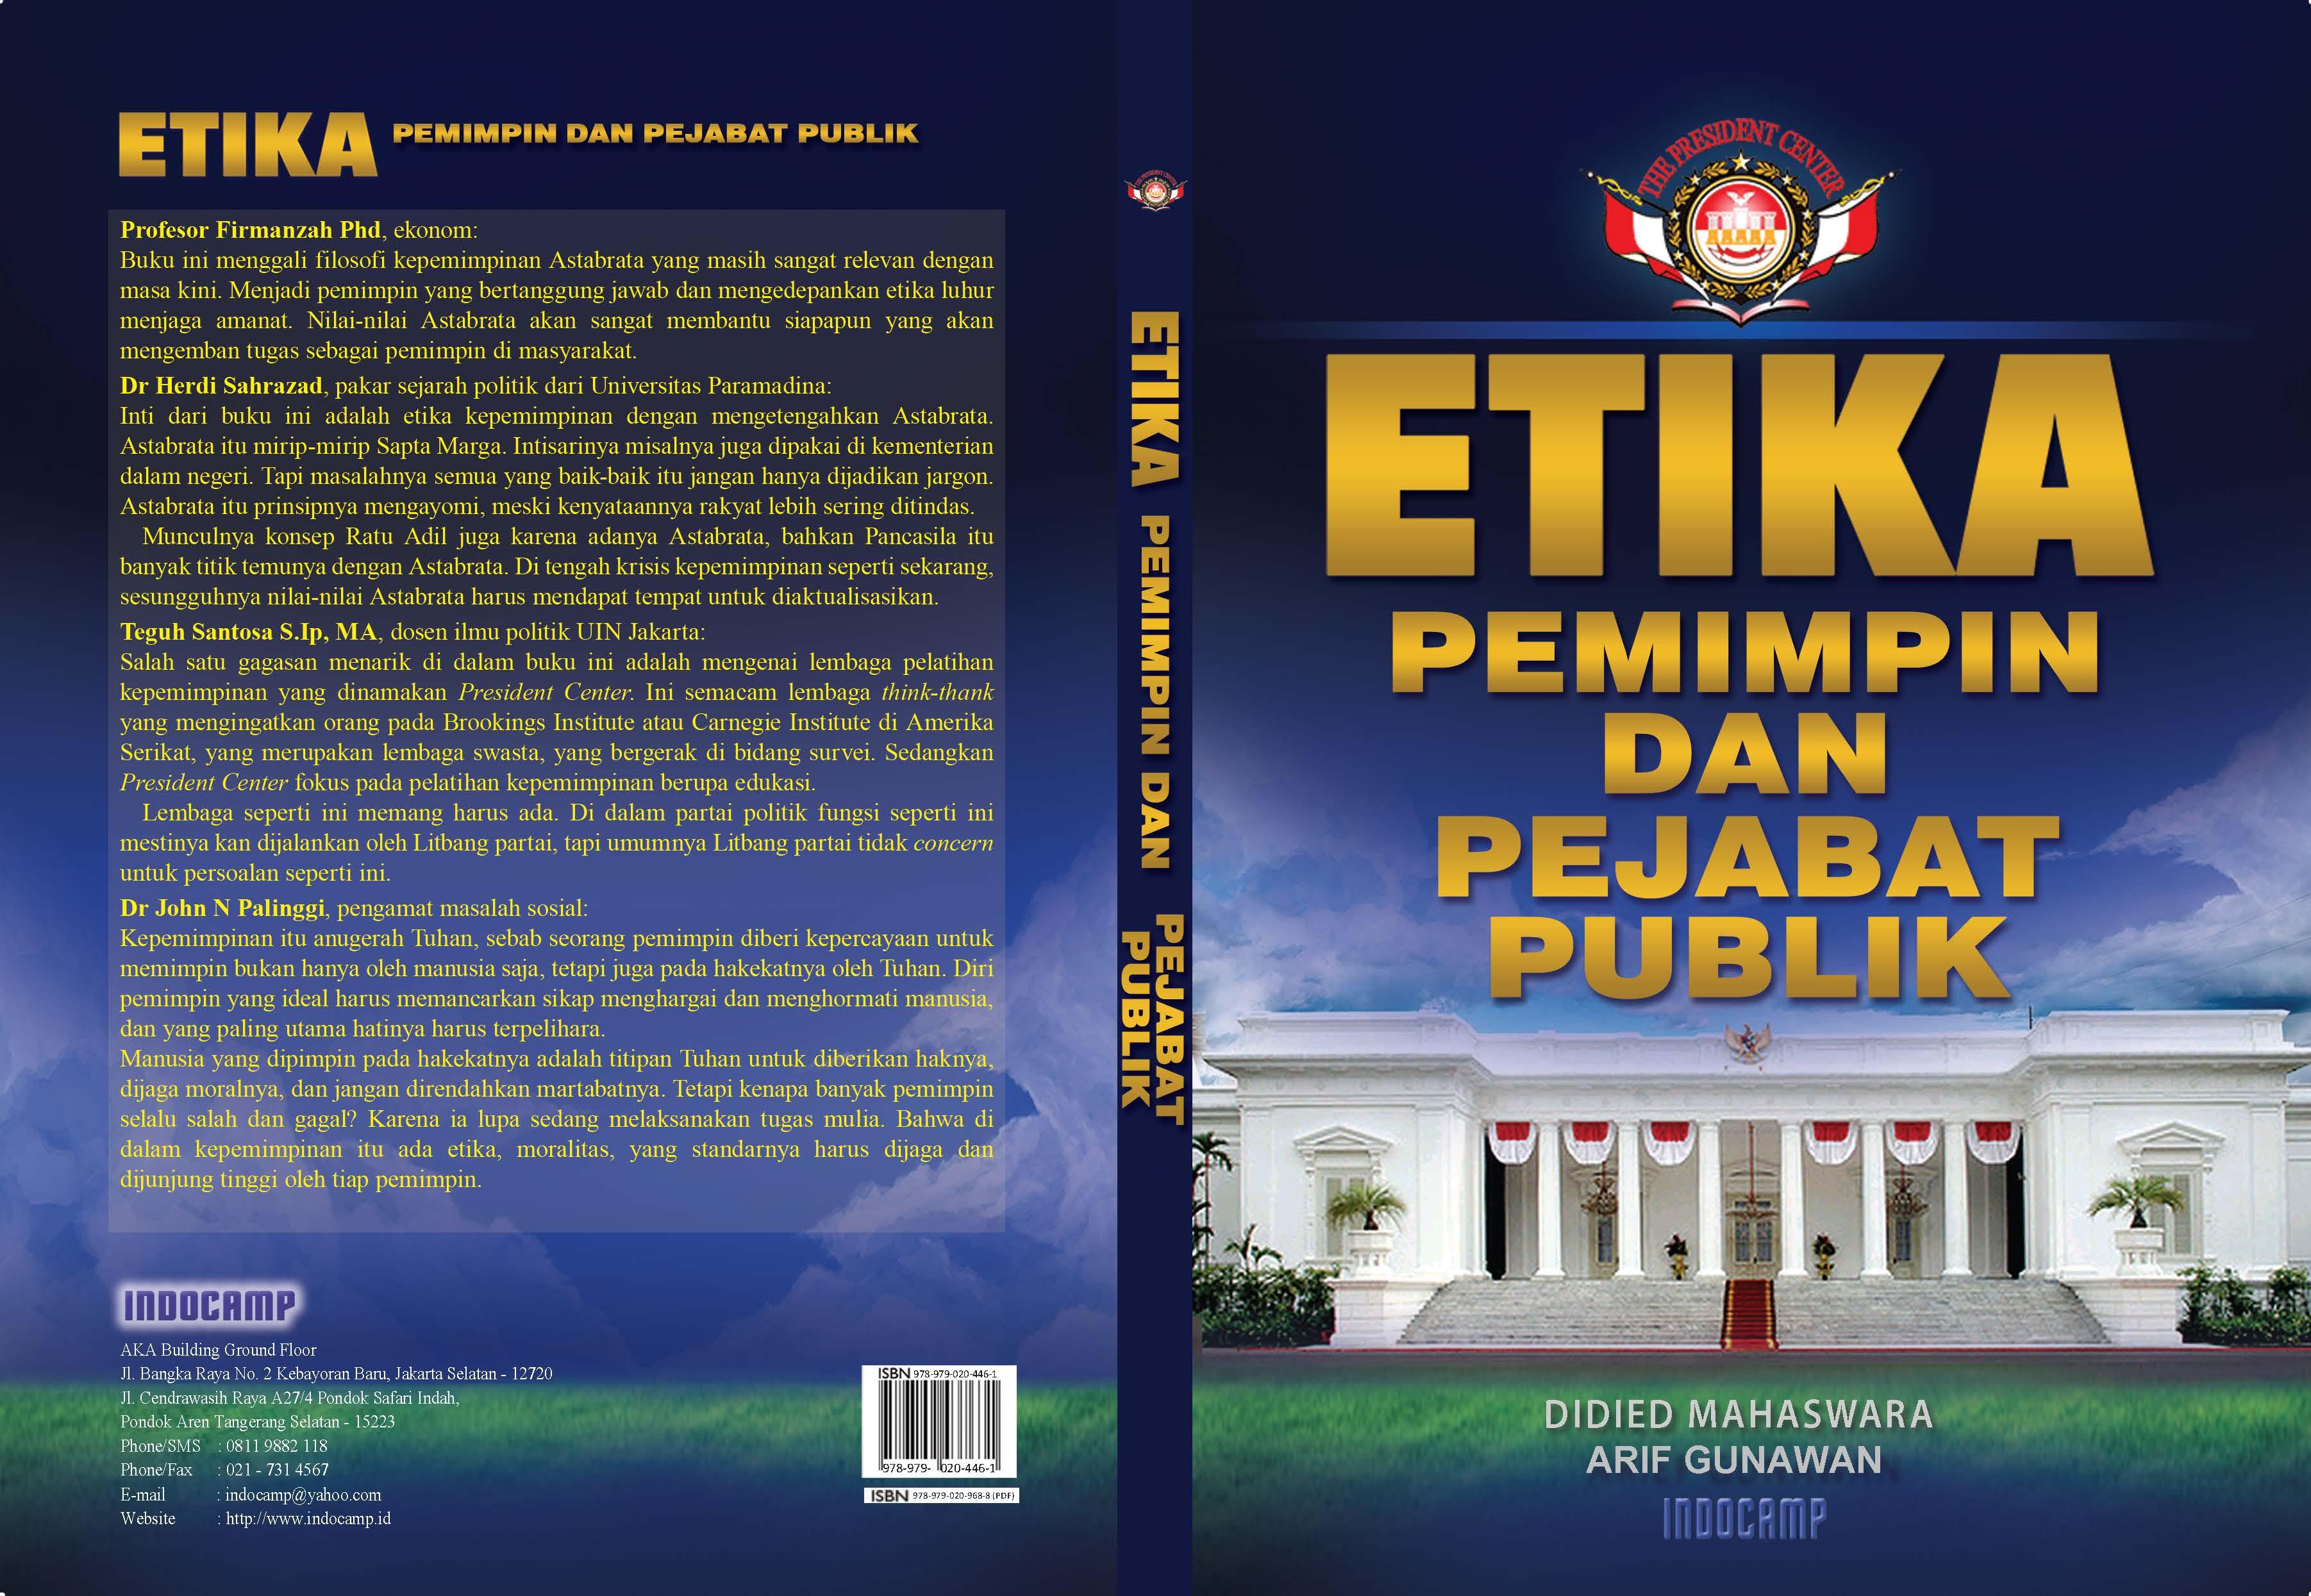 Etika pemimpin dan pejabat publik [sumber elektronis]